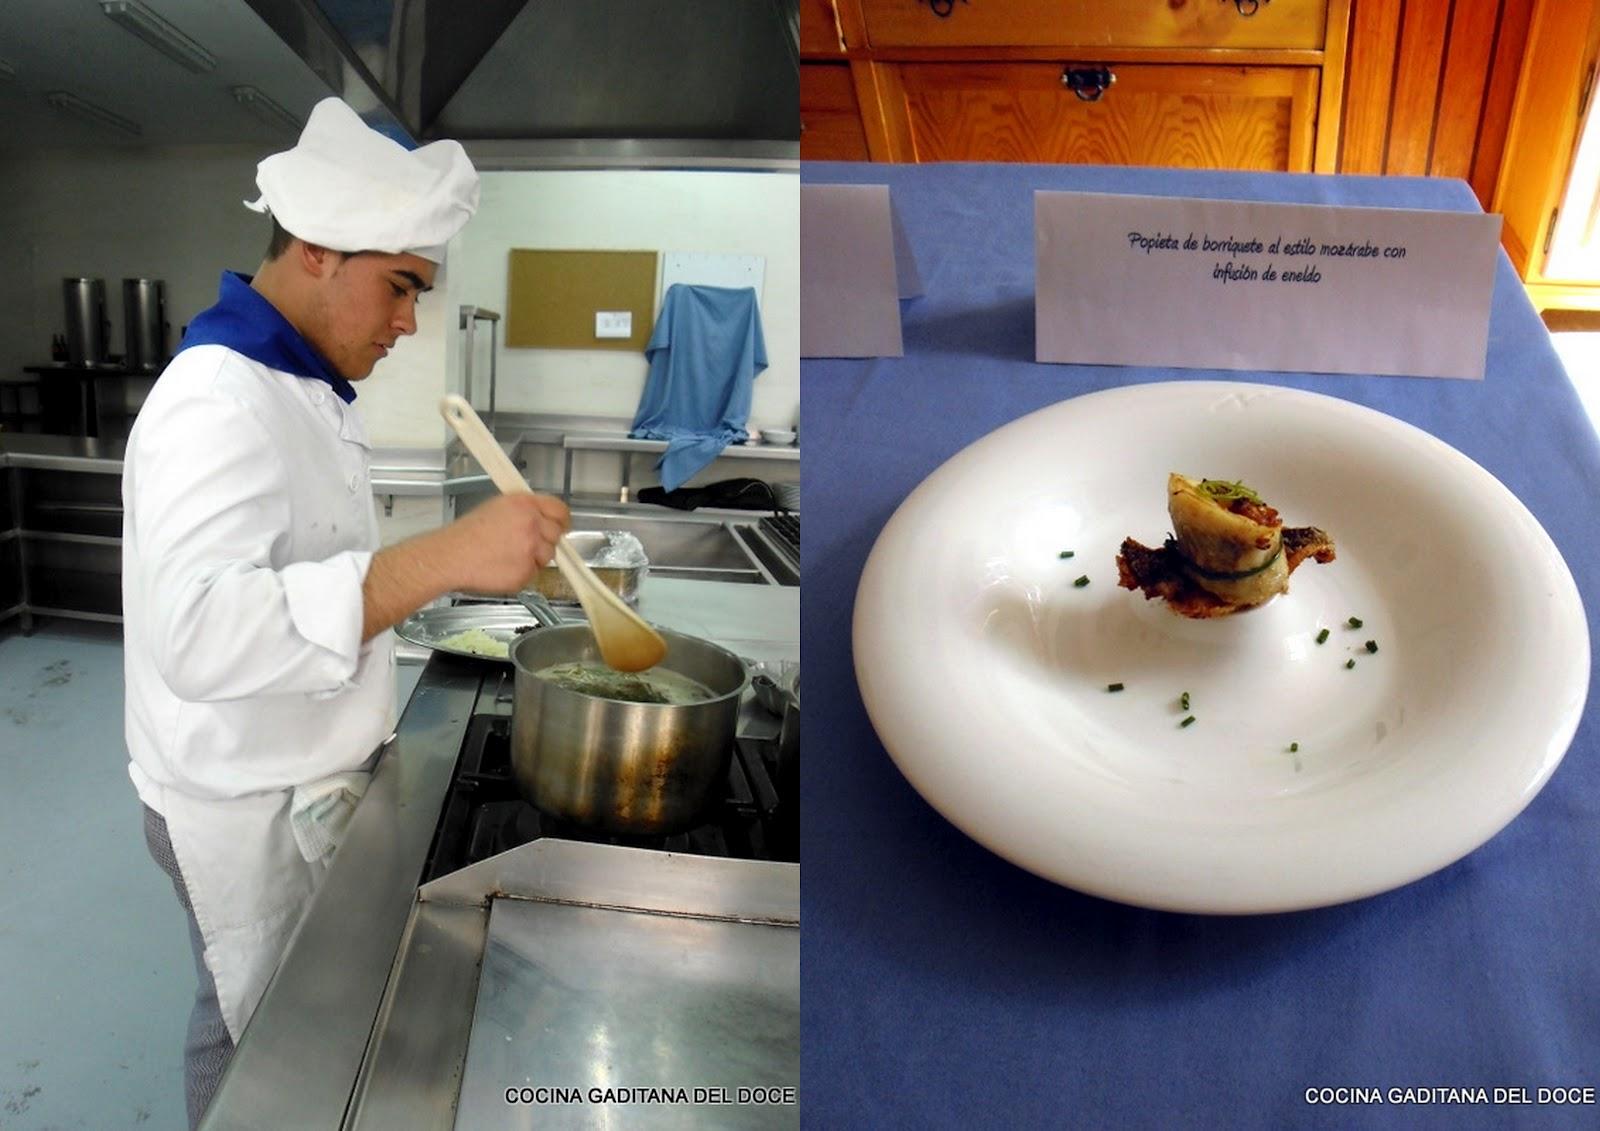 Cocina gaditana del doce concurso maritatas en escuela - Grado superior cocina ...